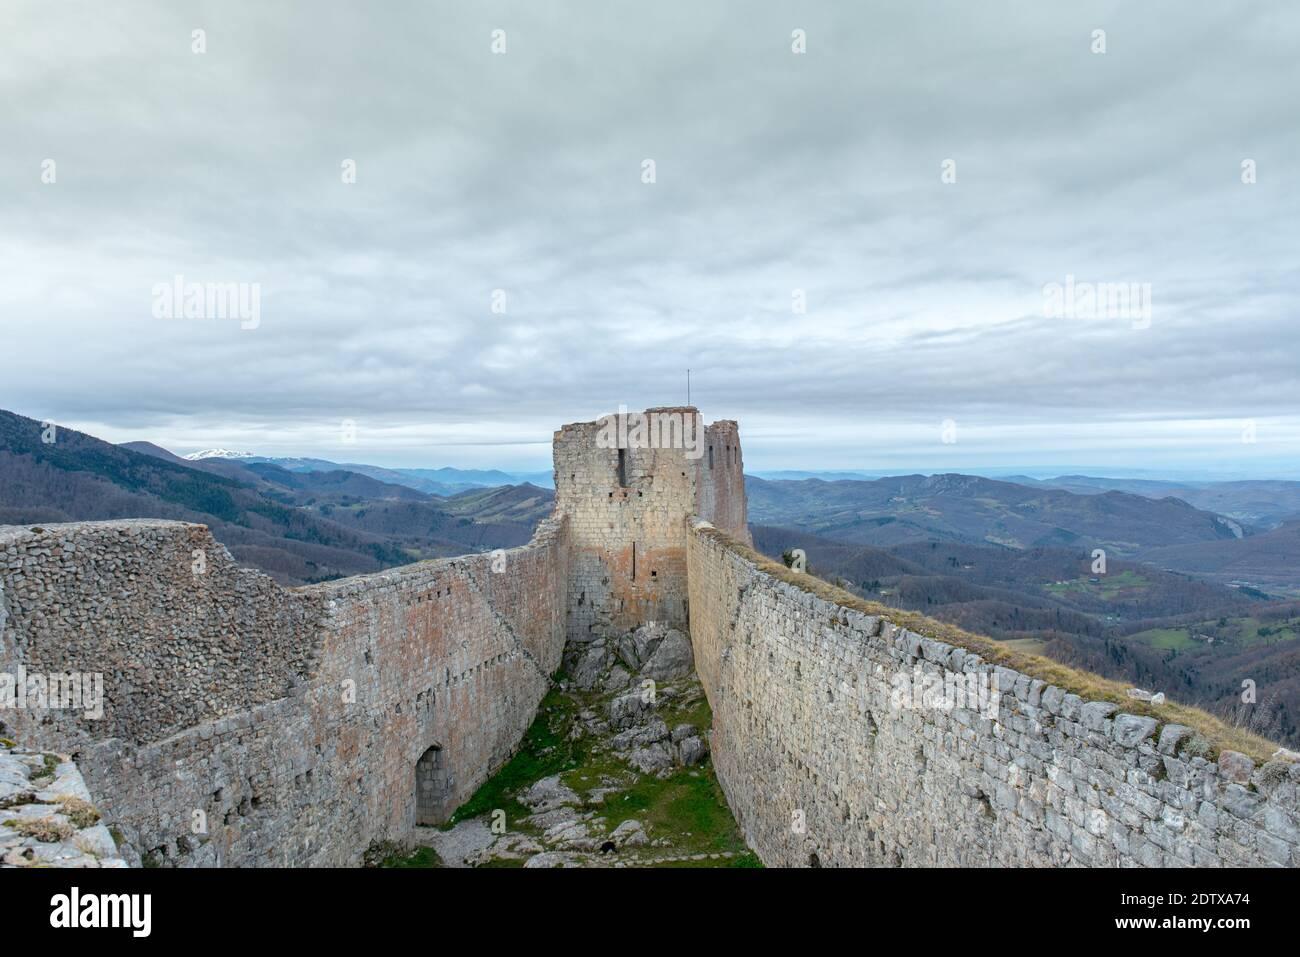 Château cathare de Montsegur en Ariège, Occitanie dans le sud de la France. Banque D'Images